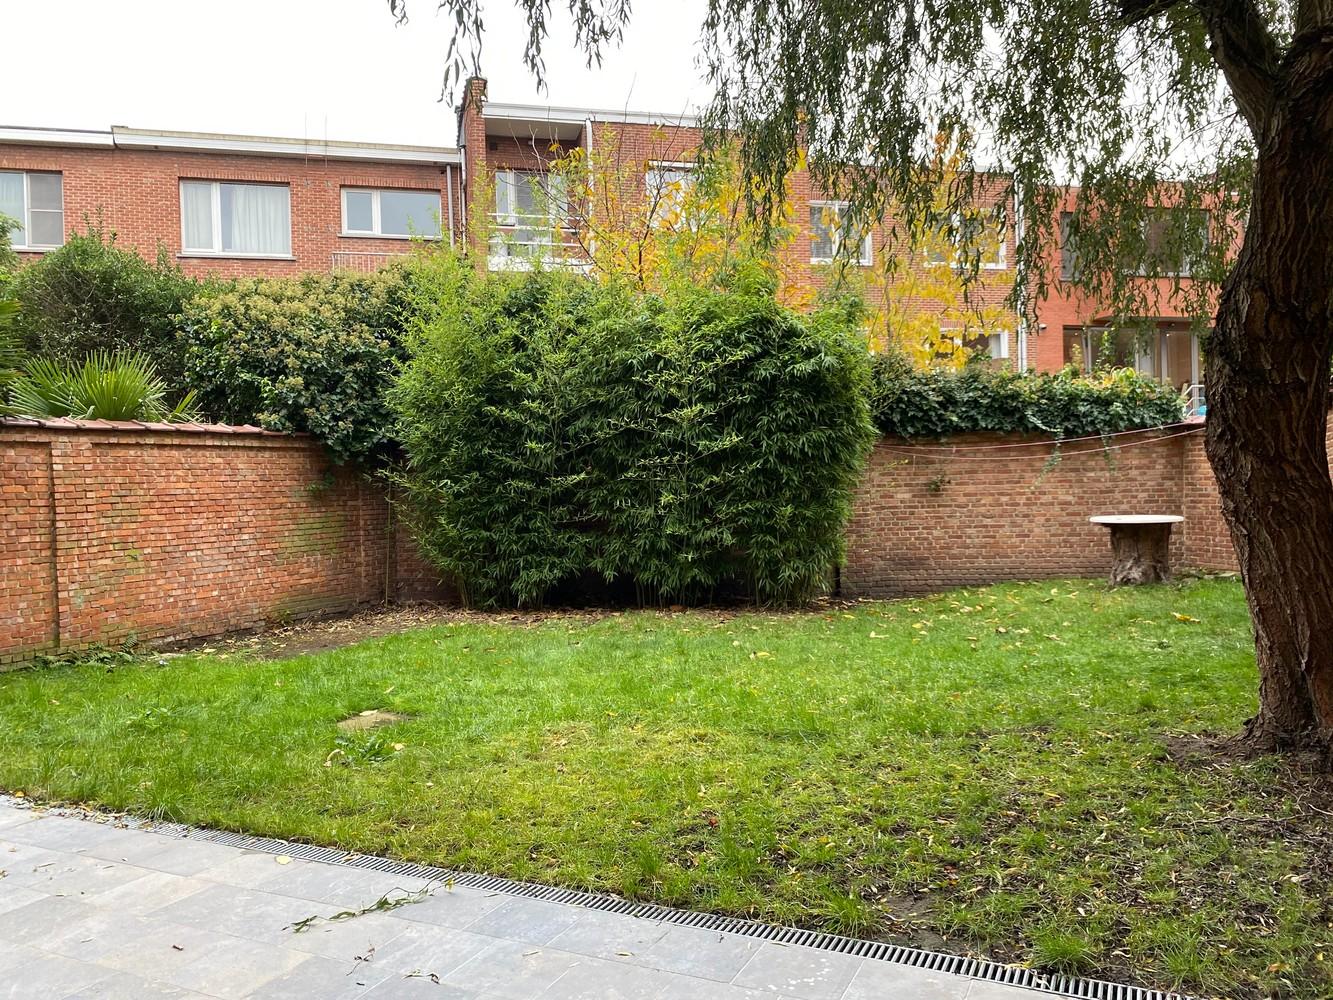 Gerenoveerd, gelijkvloers appartement met 2 slaapkamers en ruime tuin (94m²) in Antwerpen! afbeelding 2